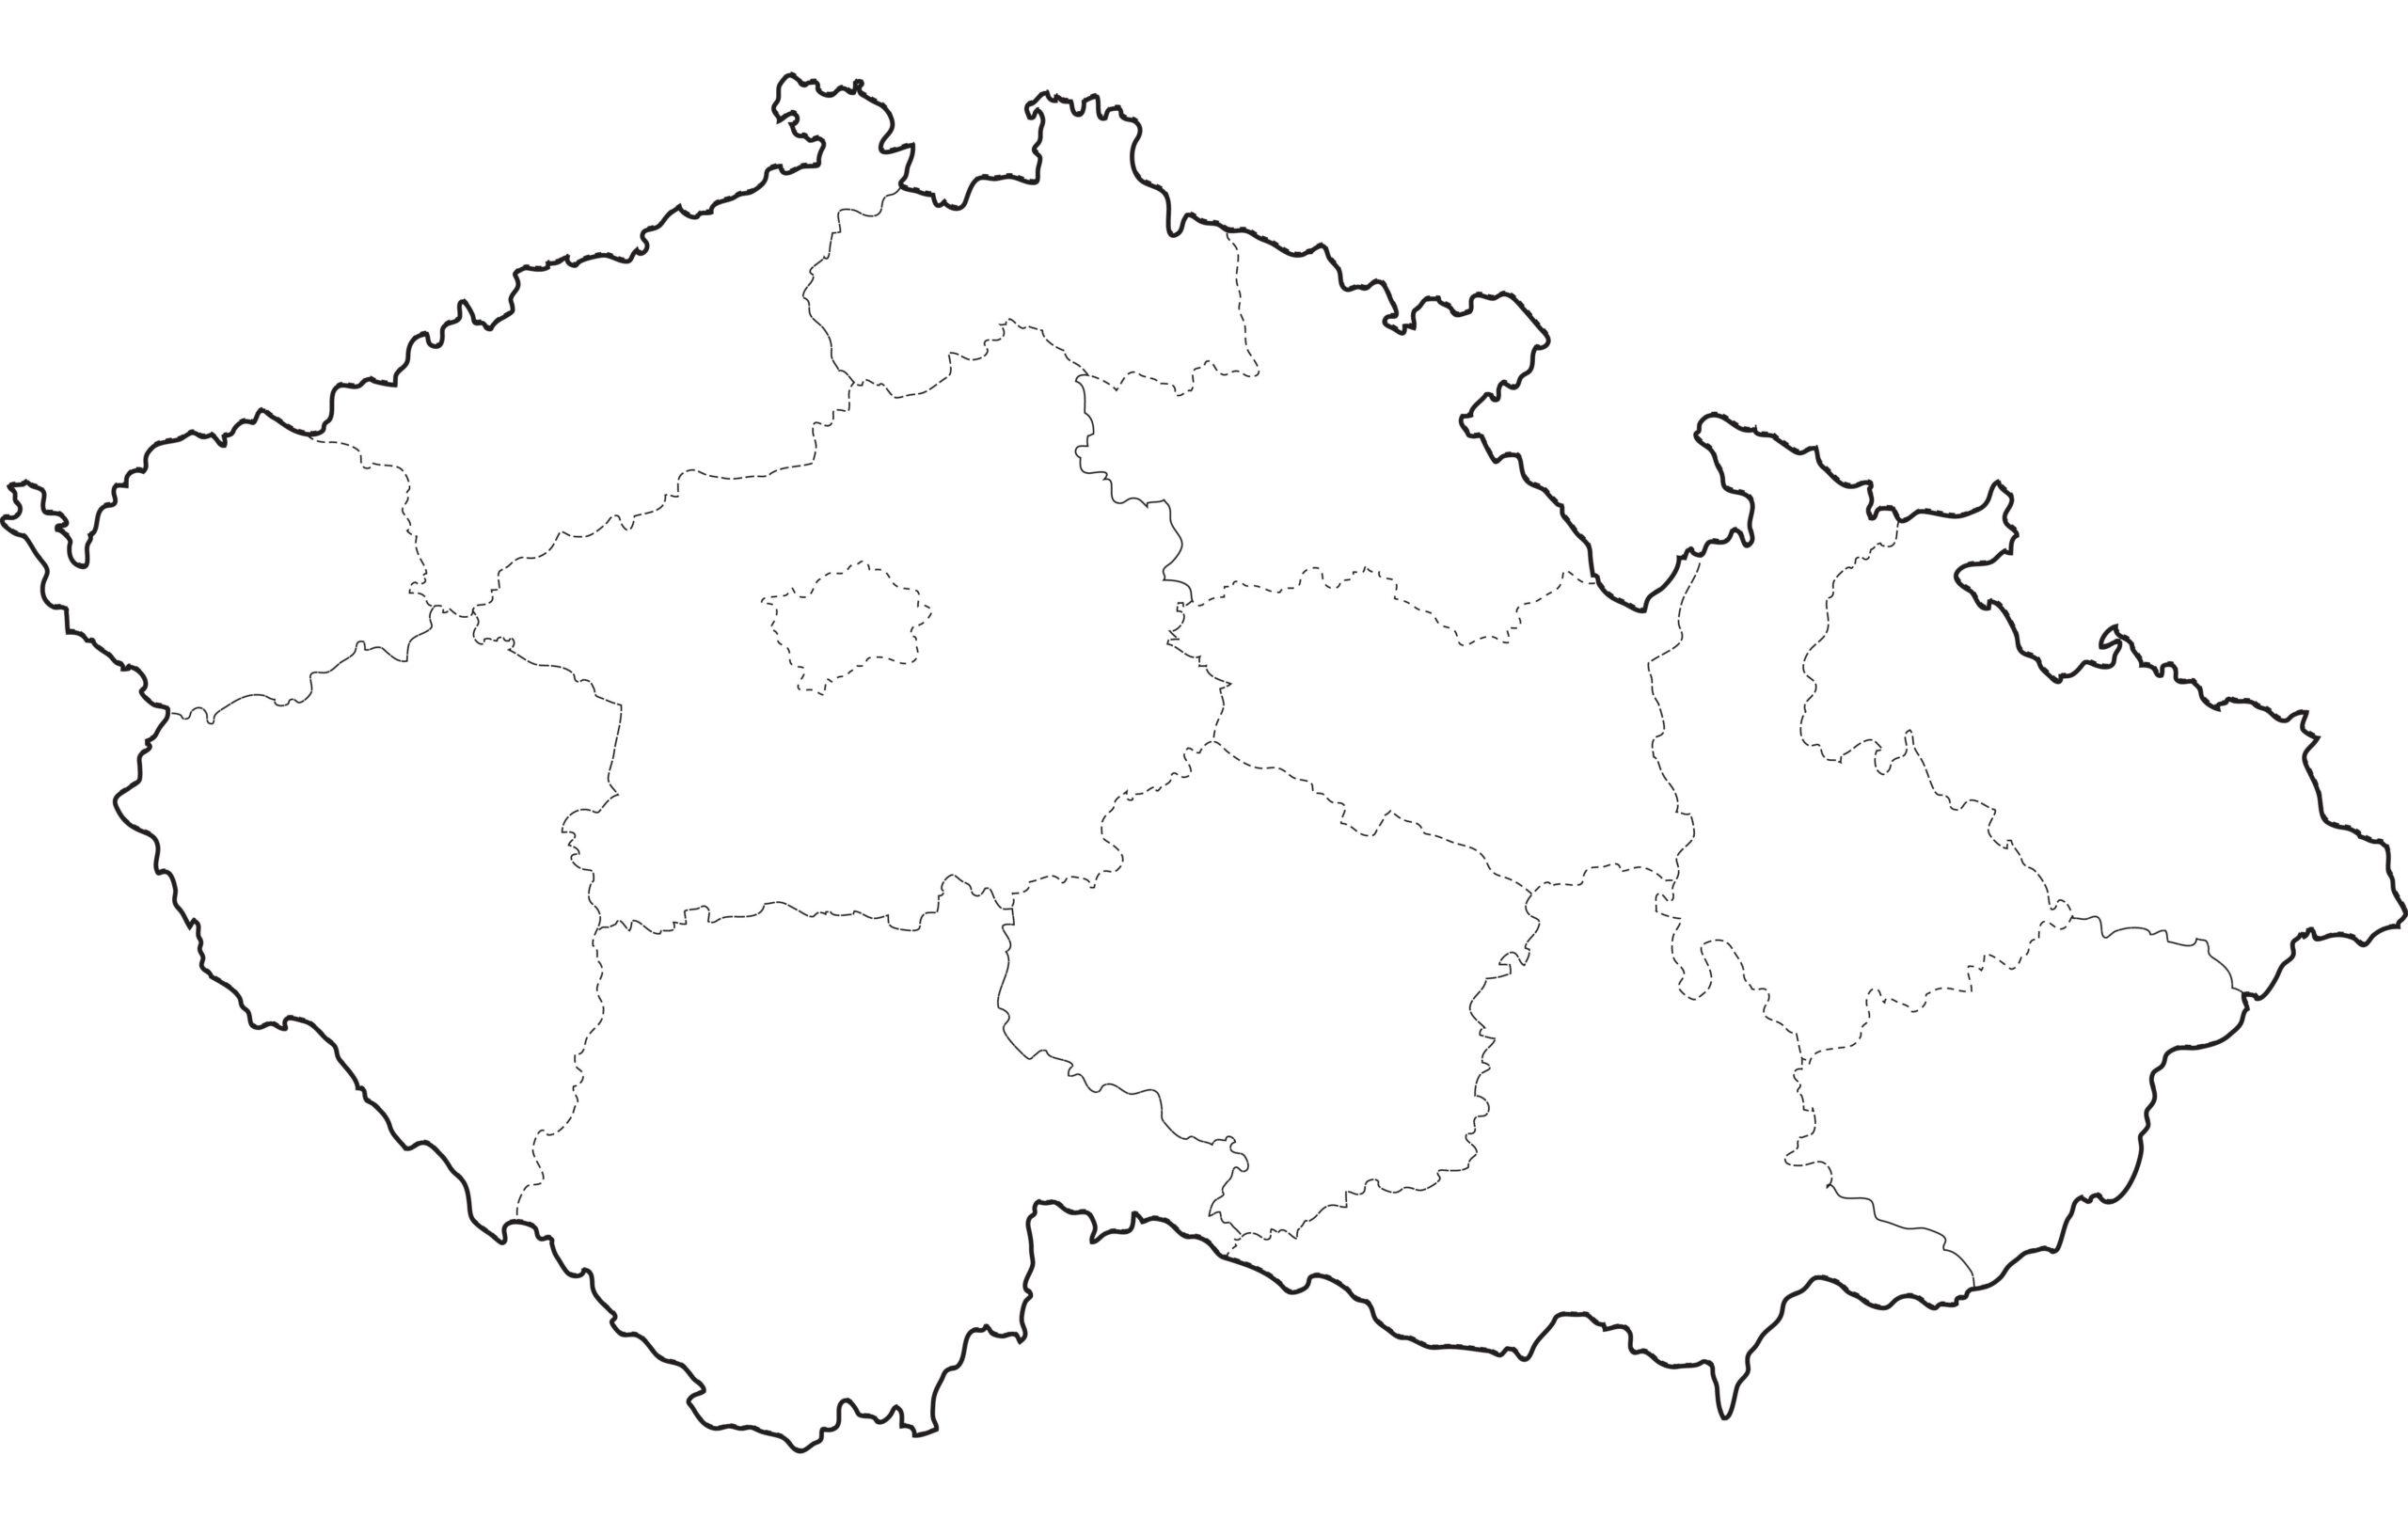 Slepa Mapa Cr Vzory Ke Stazeni Zdarma